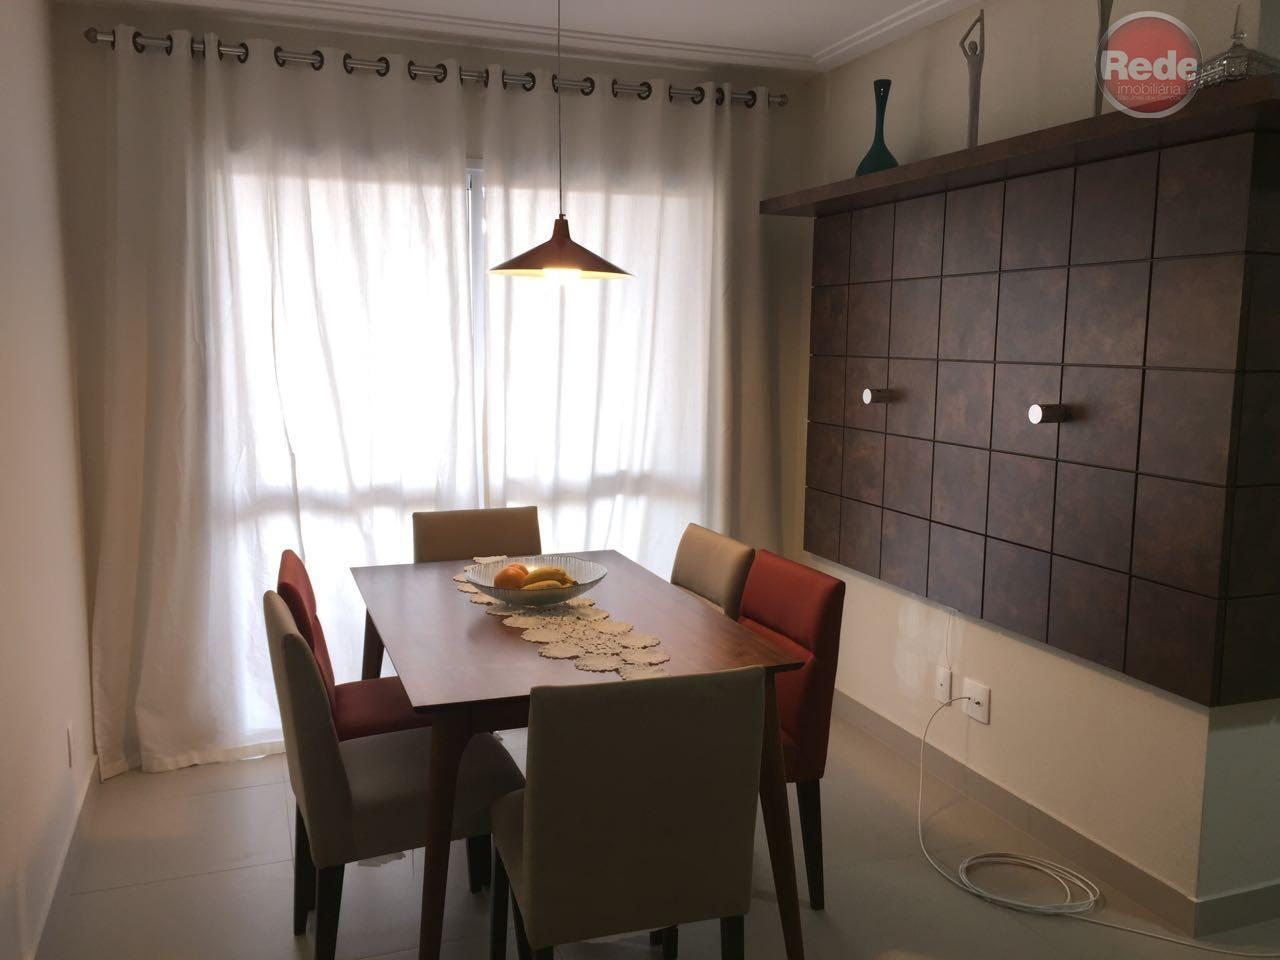 Apartamento de 2 dormitórios sendo 1 suite.